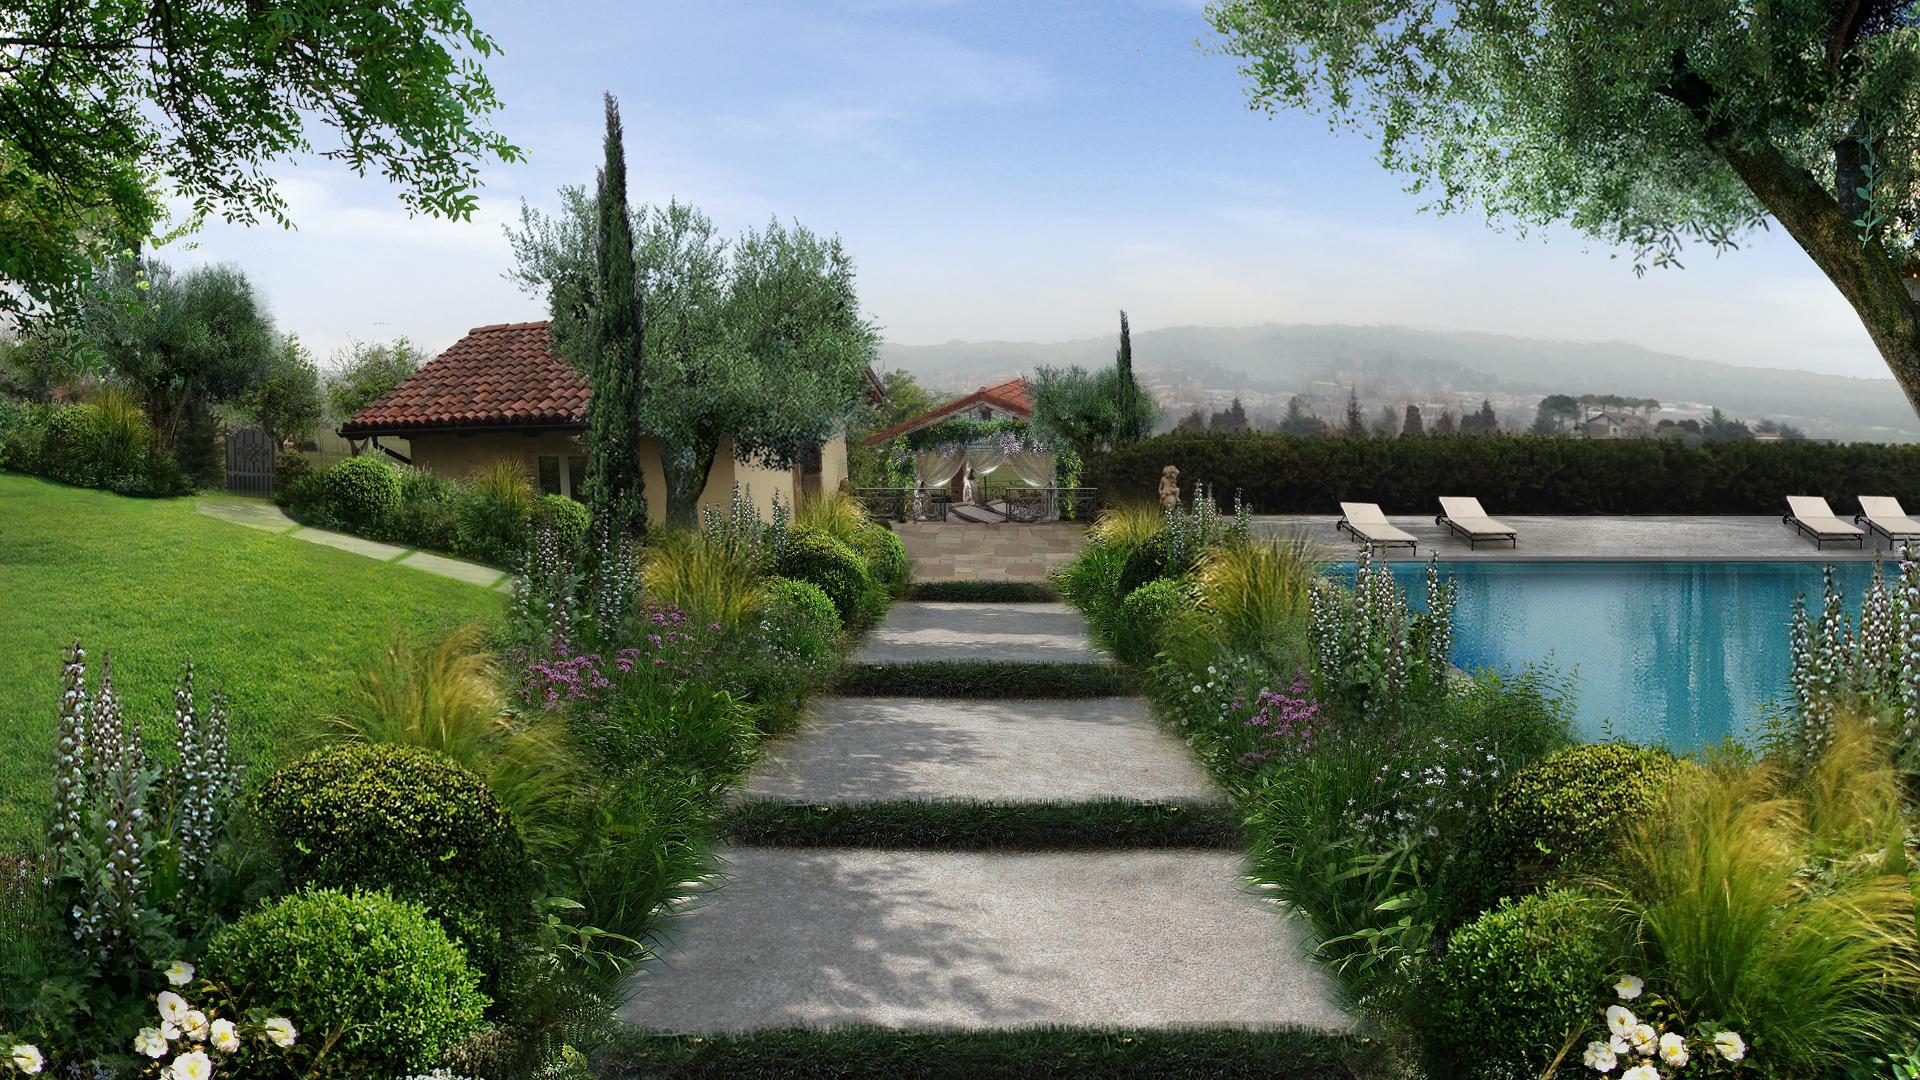 Garden Design   Design and Build Garden   Architonic